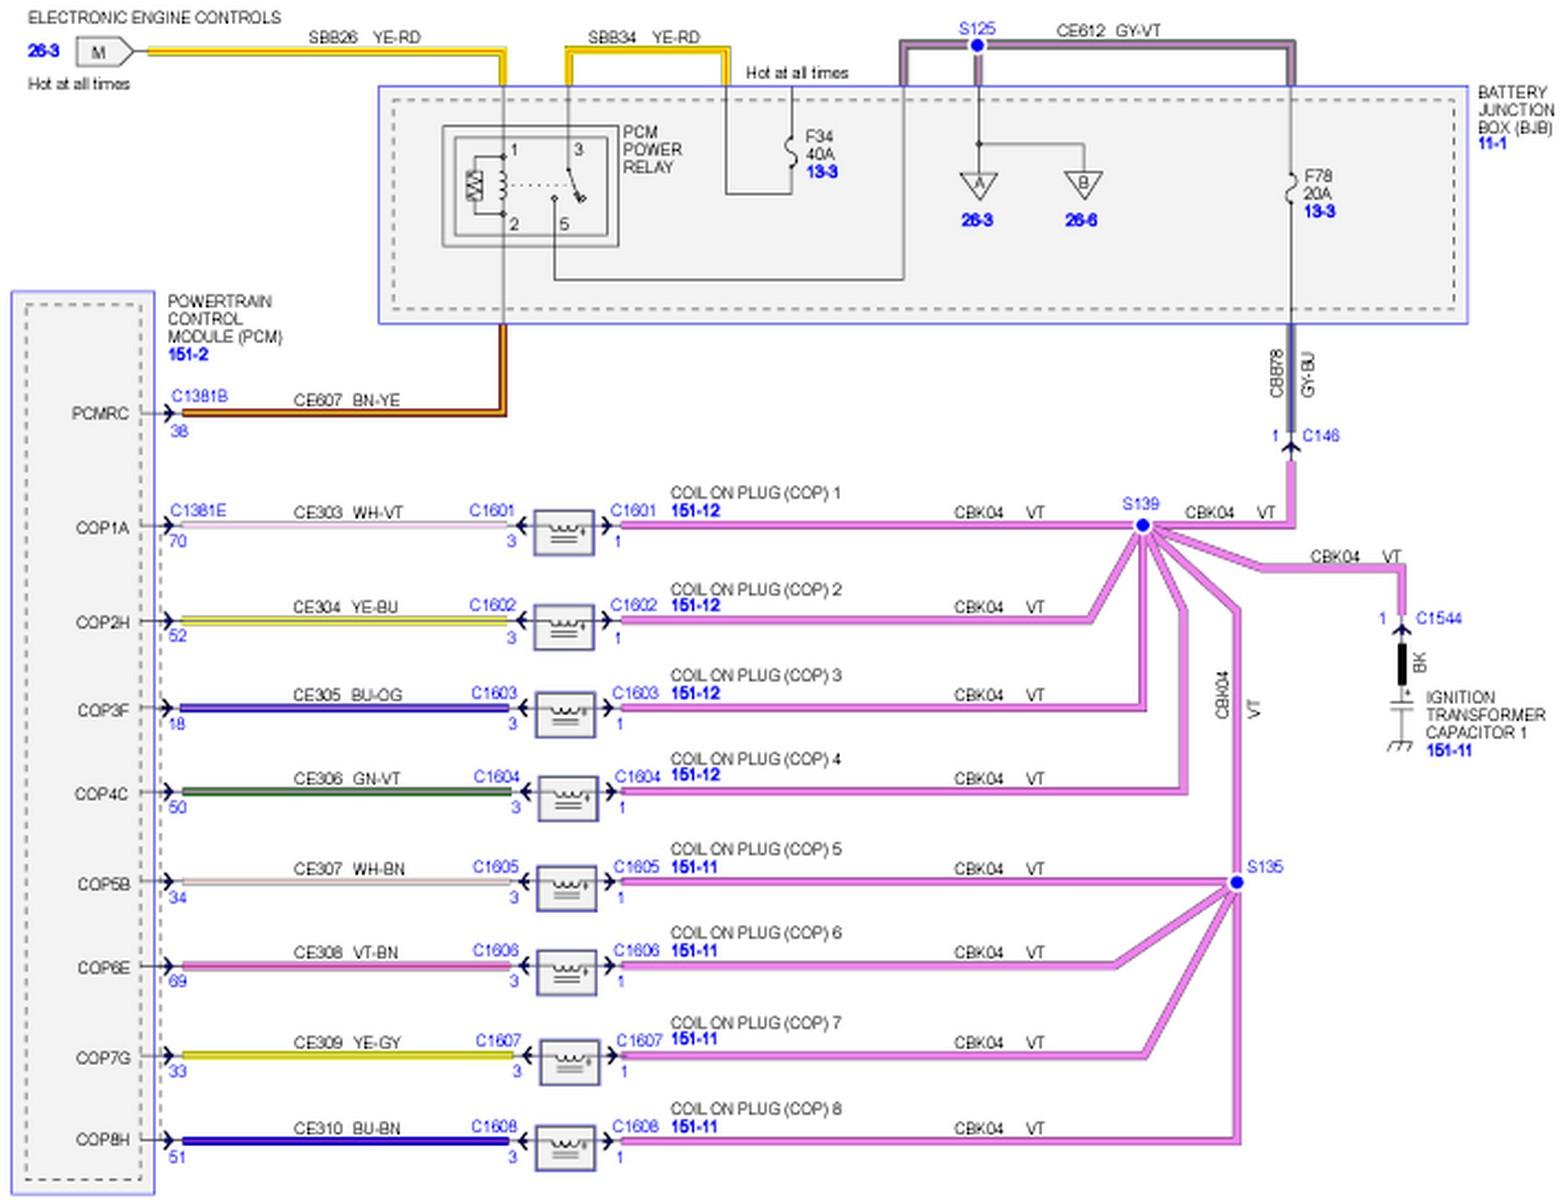 2011 06 20 2010 f 150 6 2 engine control wiring